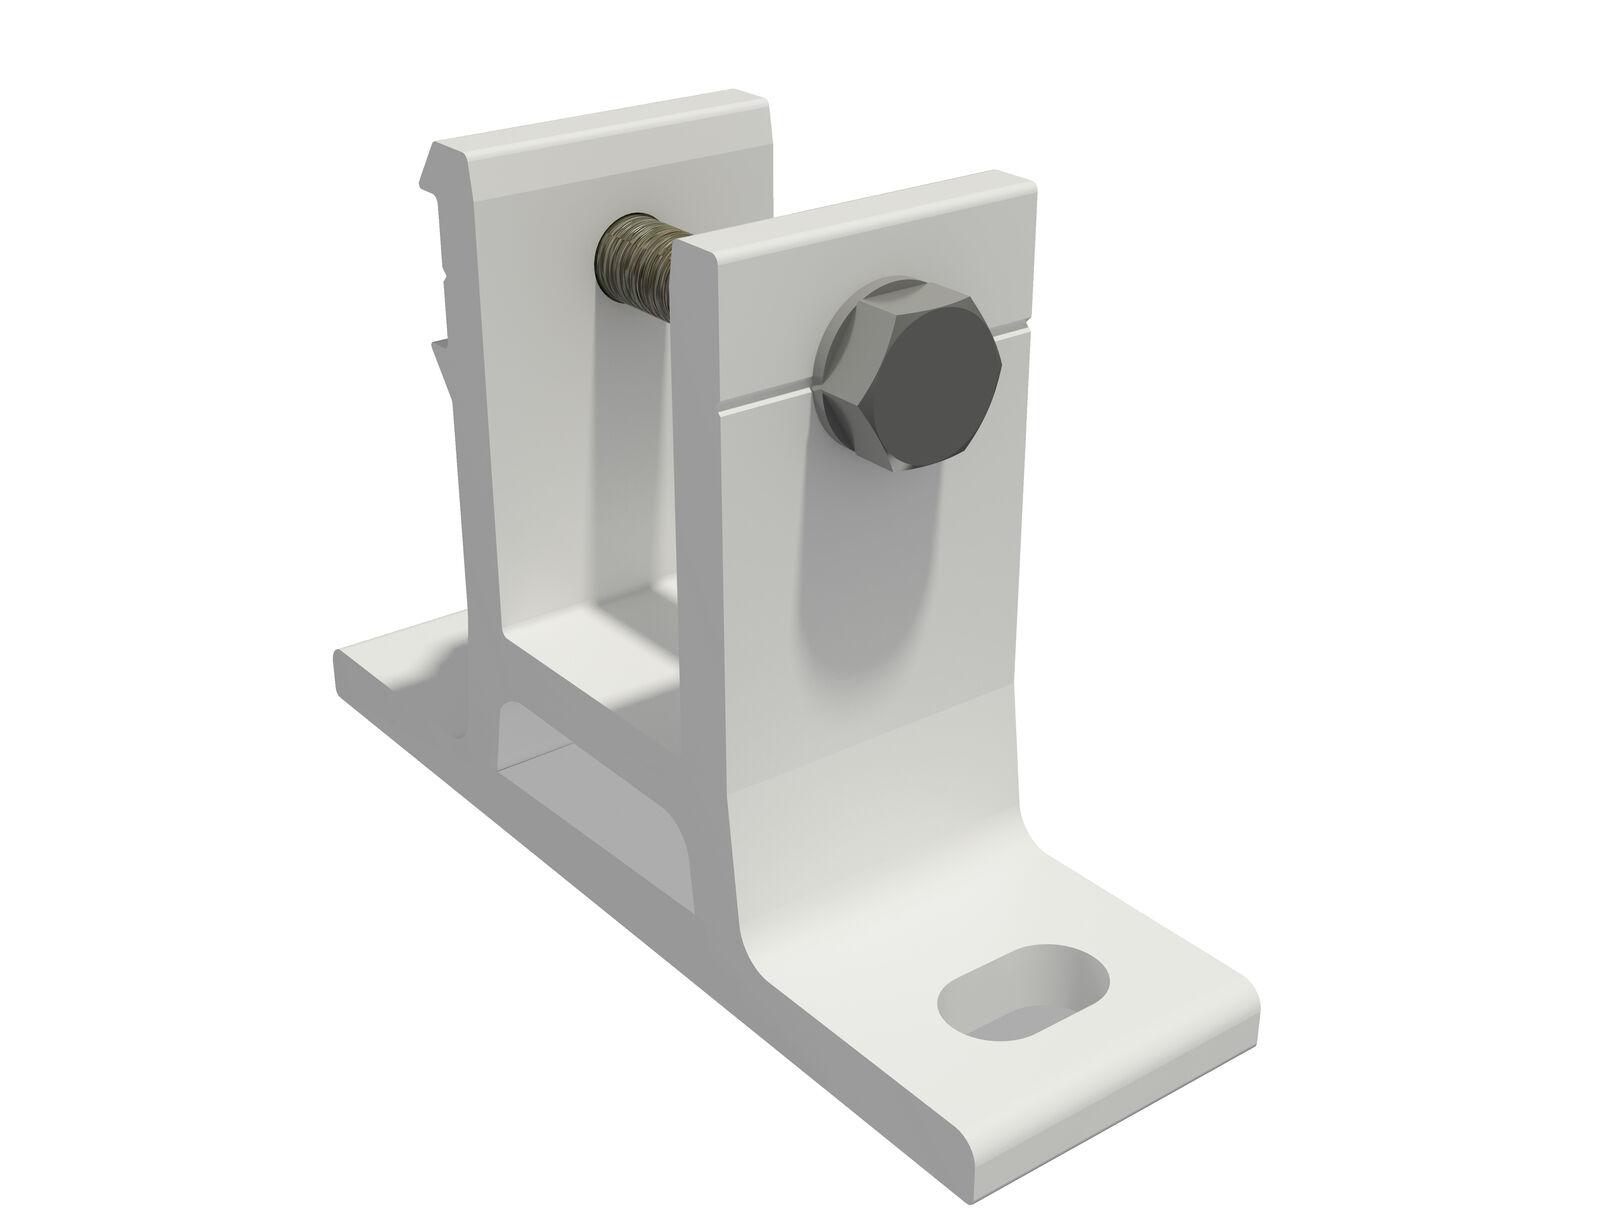 Deckenhalter Deckenhalterung Markisenbefestigung PARAMONDO Curve weiß 2er Set